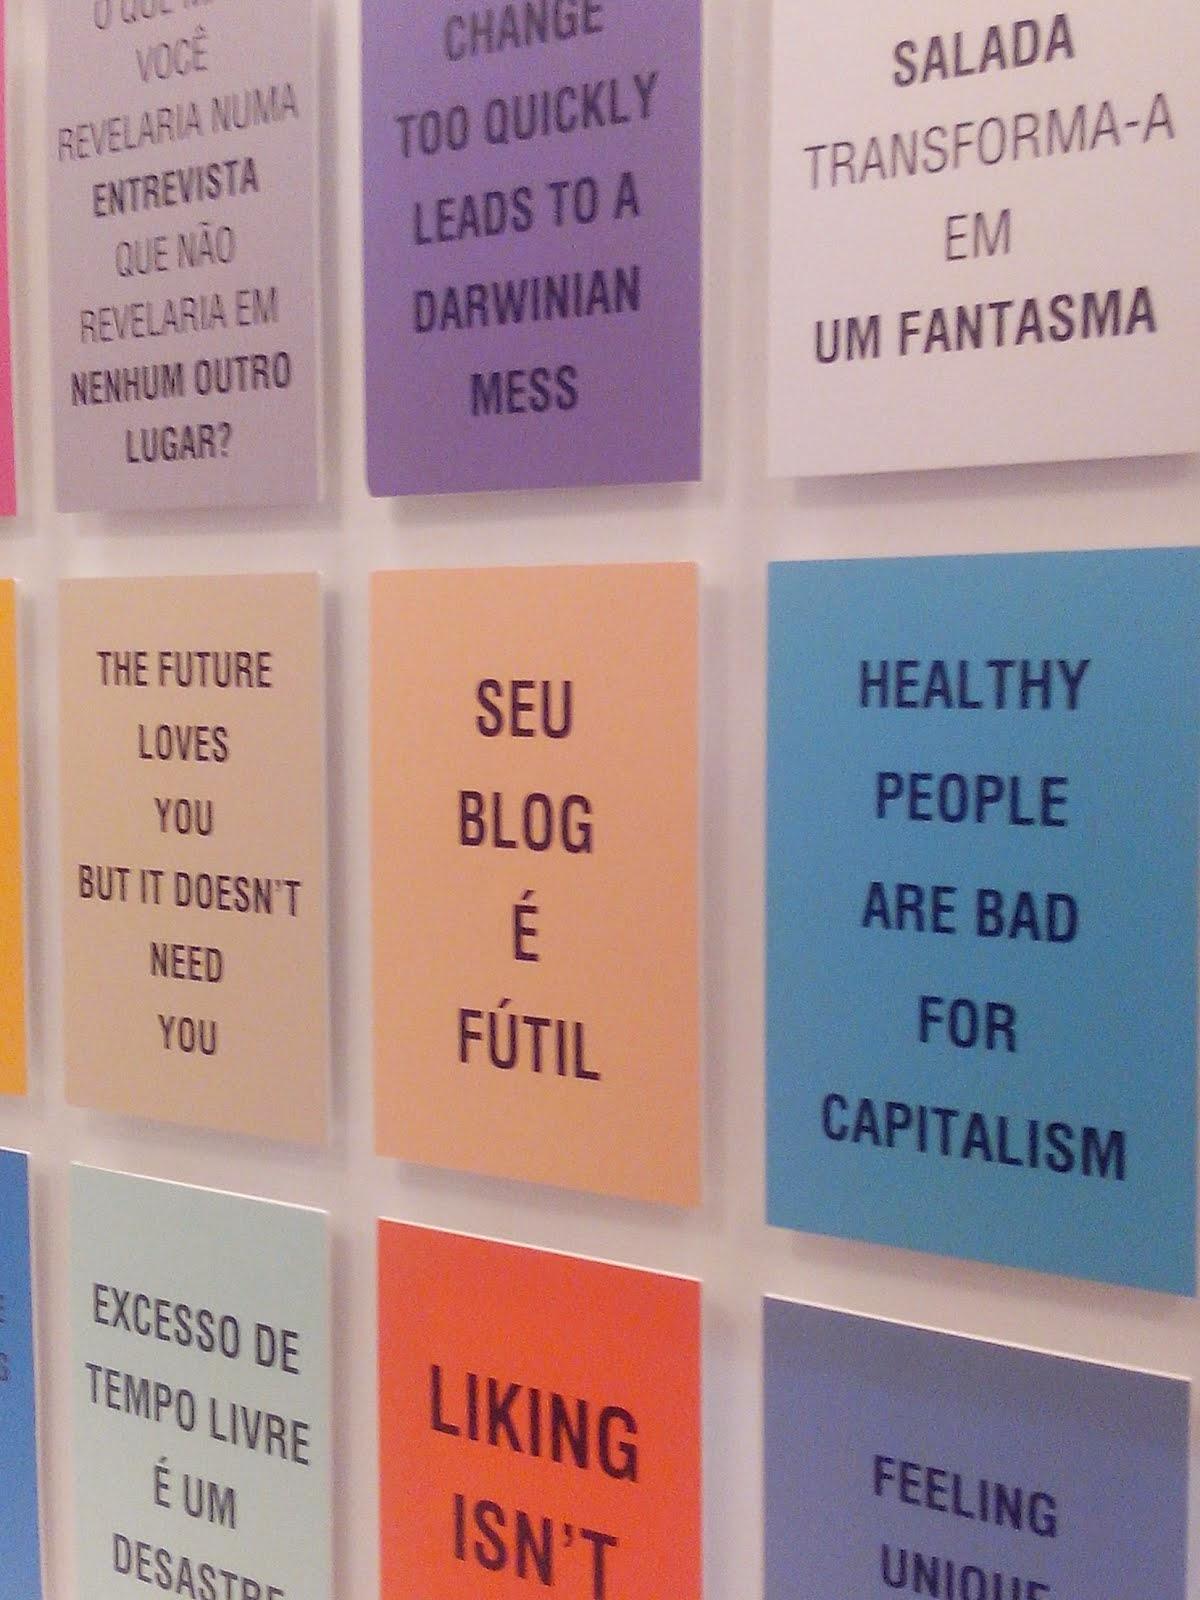 Exposição no CCBB São Paulo